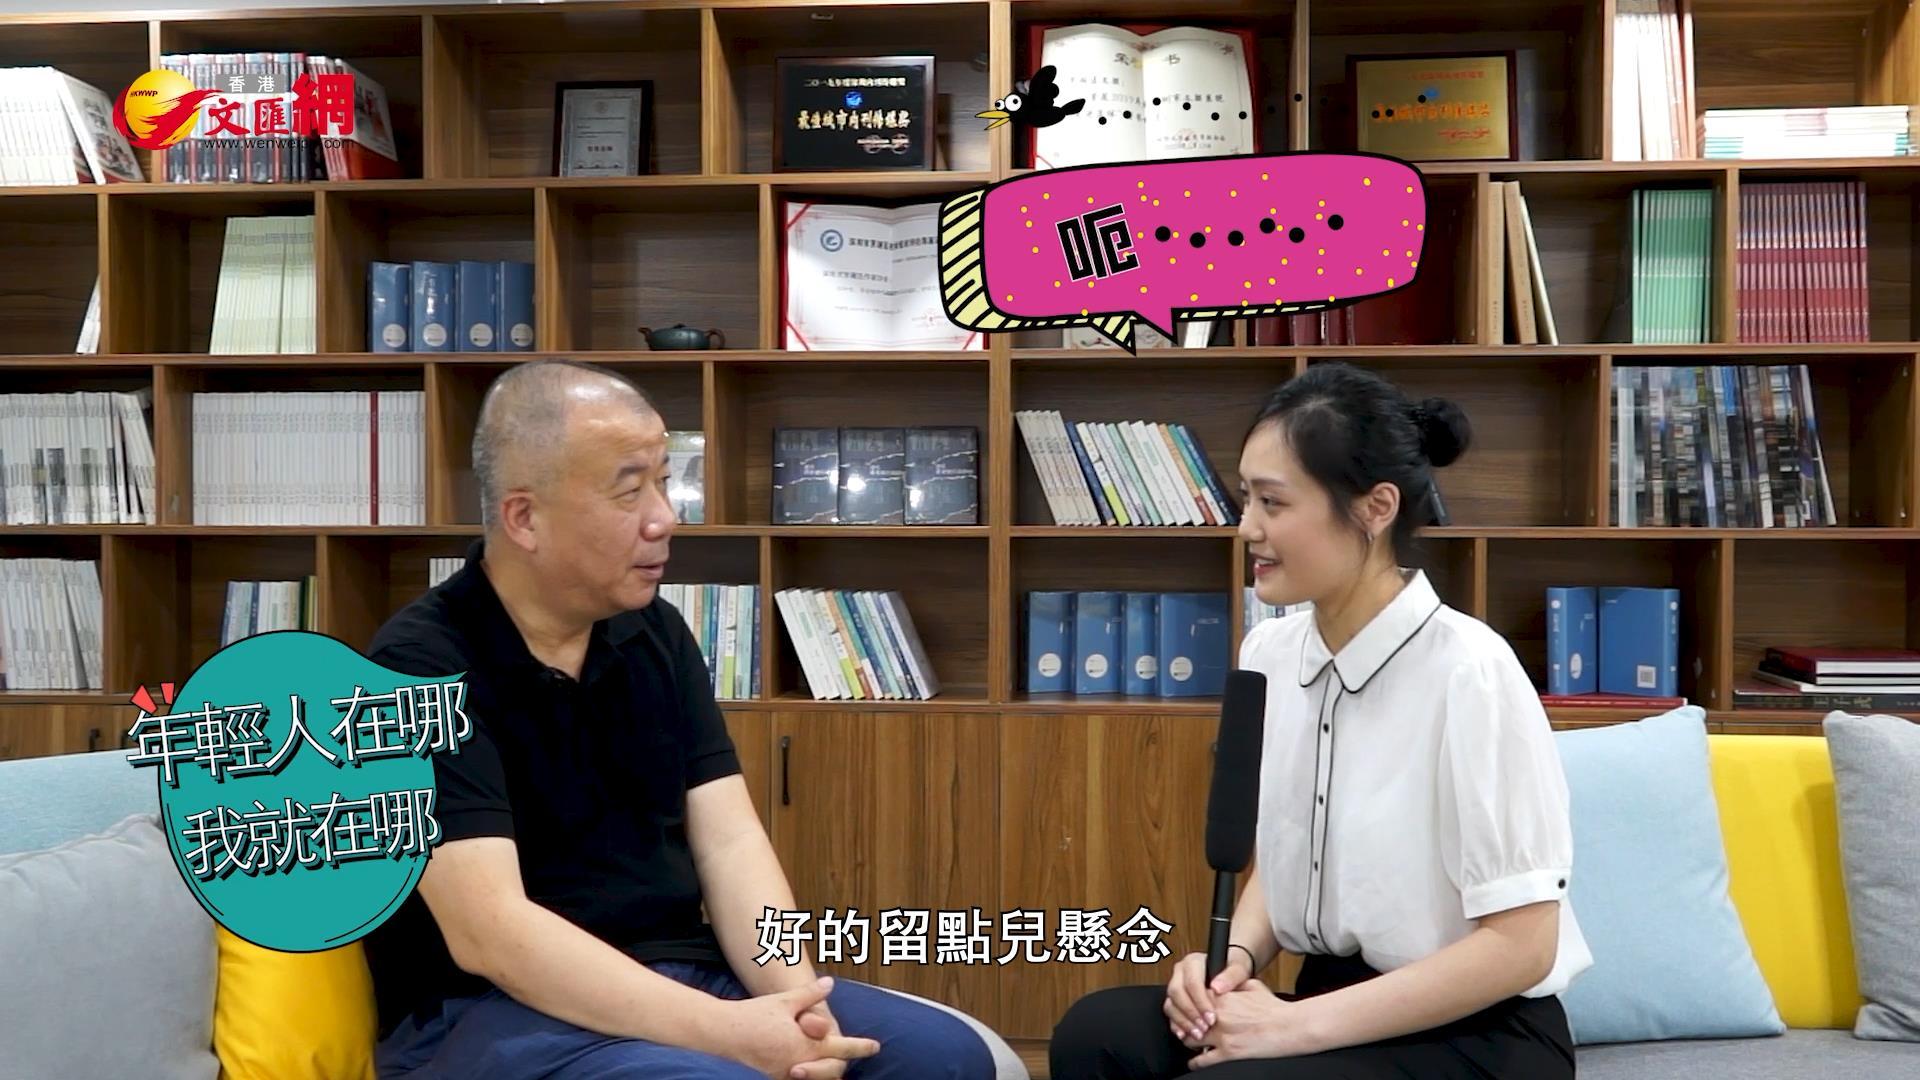 吳亞丁: 深圳正值青春 年輕人在哪我就在哪